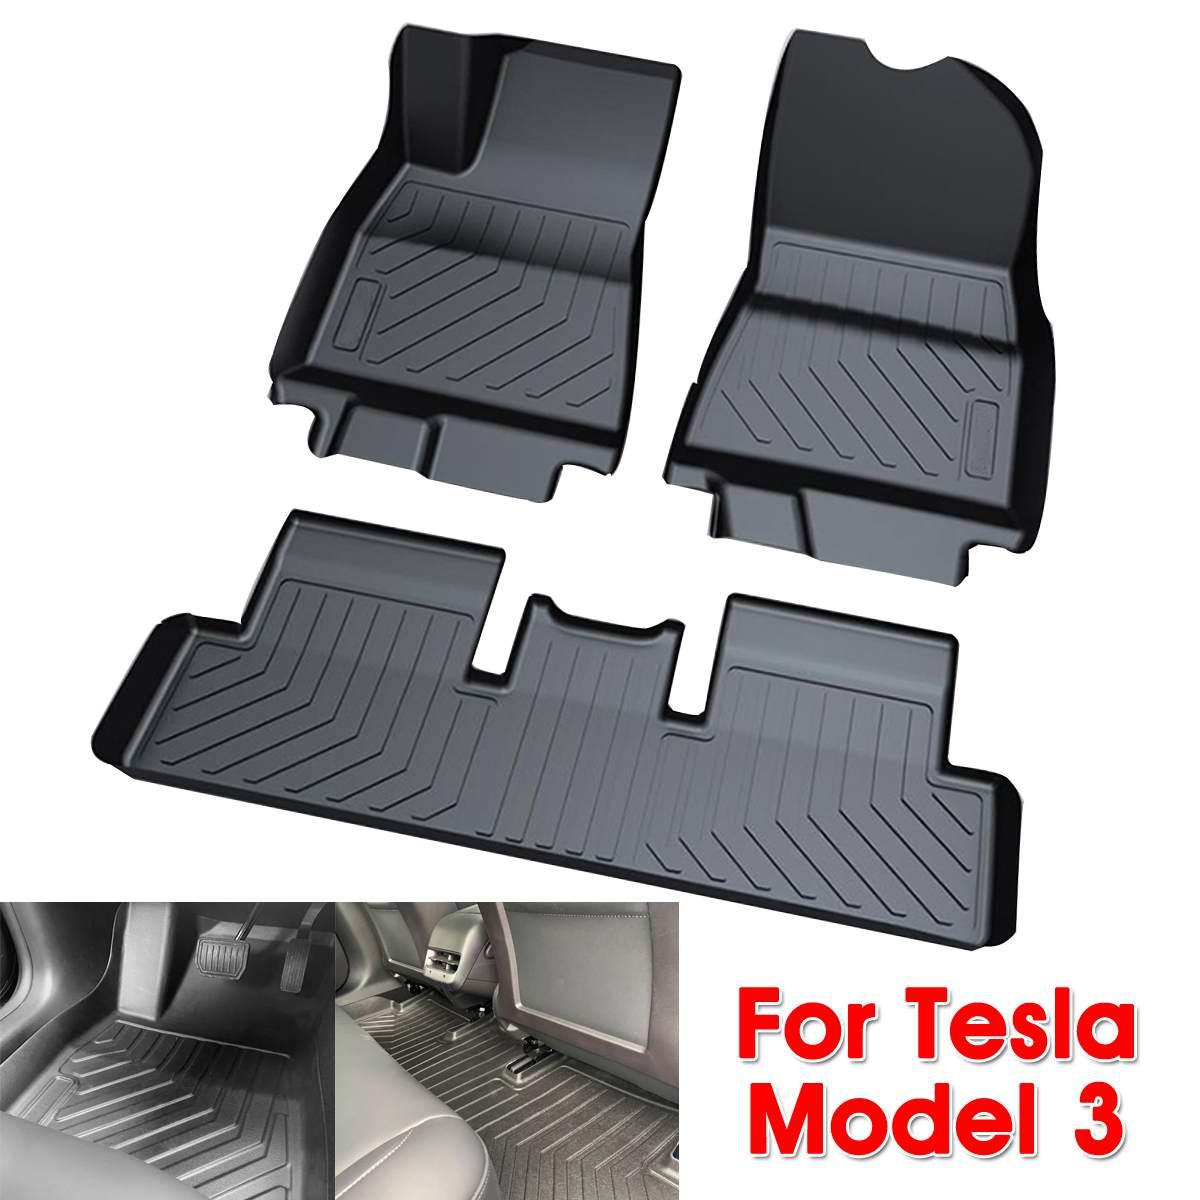 Audew 3 шт. TPO передний и задний черный Автомобильный напольный коврик на заказ подходит для любой погоды напольный ковер покрытие для Tesla модель 3 водонепроницаемый прочный